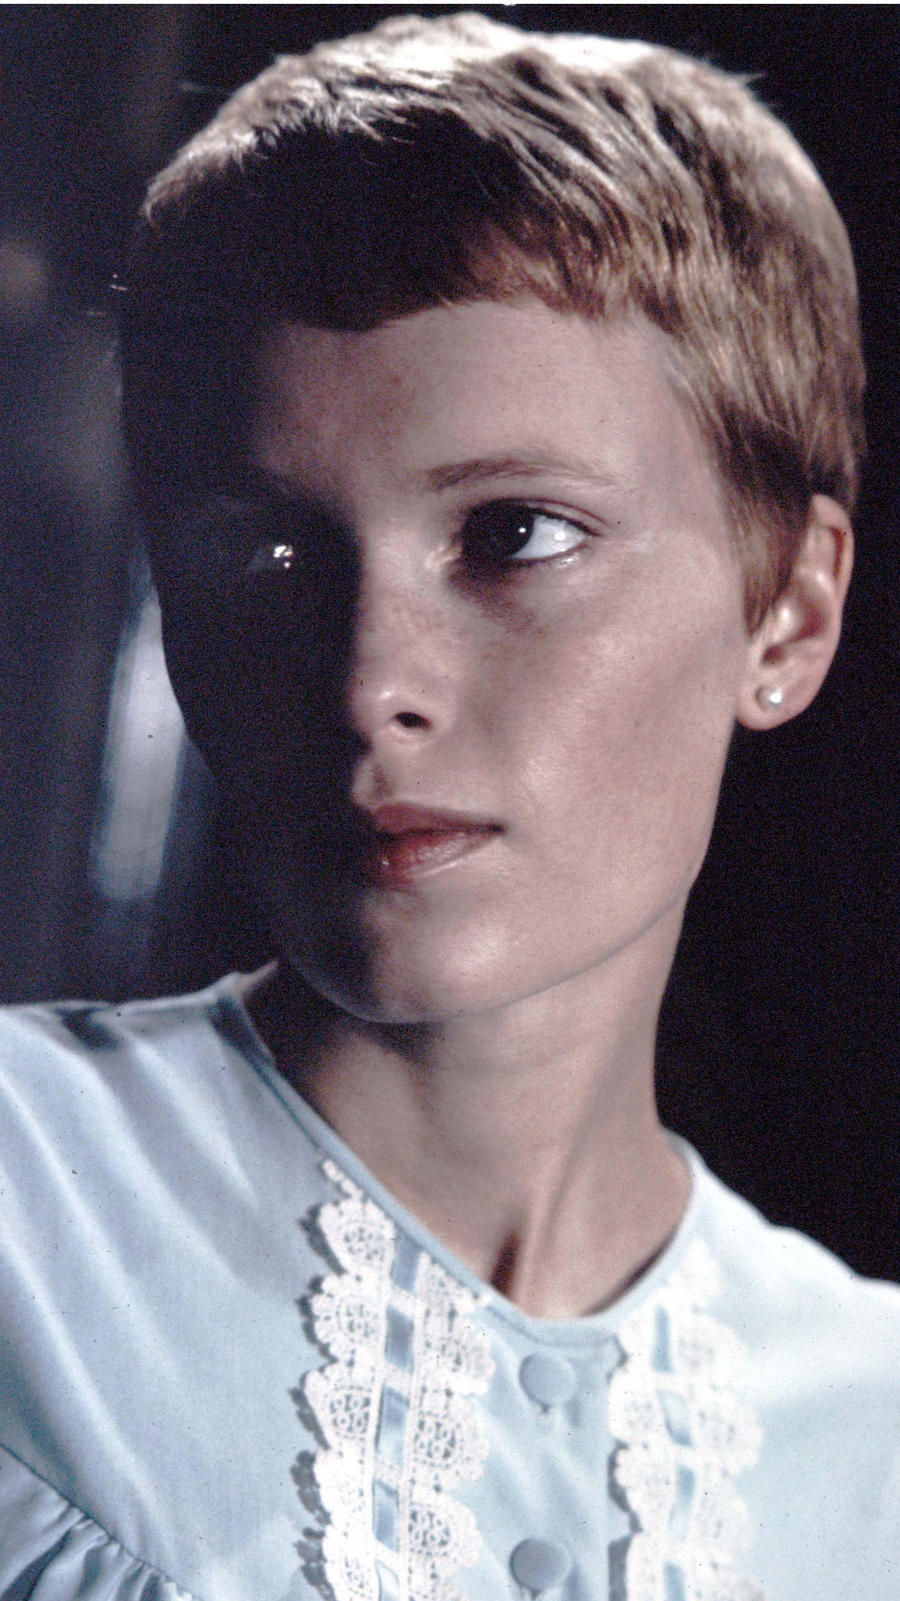 A legendás fodrász, Vidal Sassoon tett csodát a színésznővel a Rosemary gyermekeinek forgatása előtt. A frizura az újfajta érzékiséget hangsúlyozta.